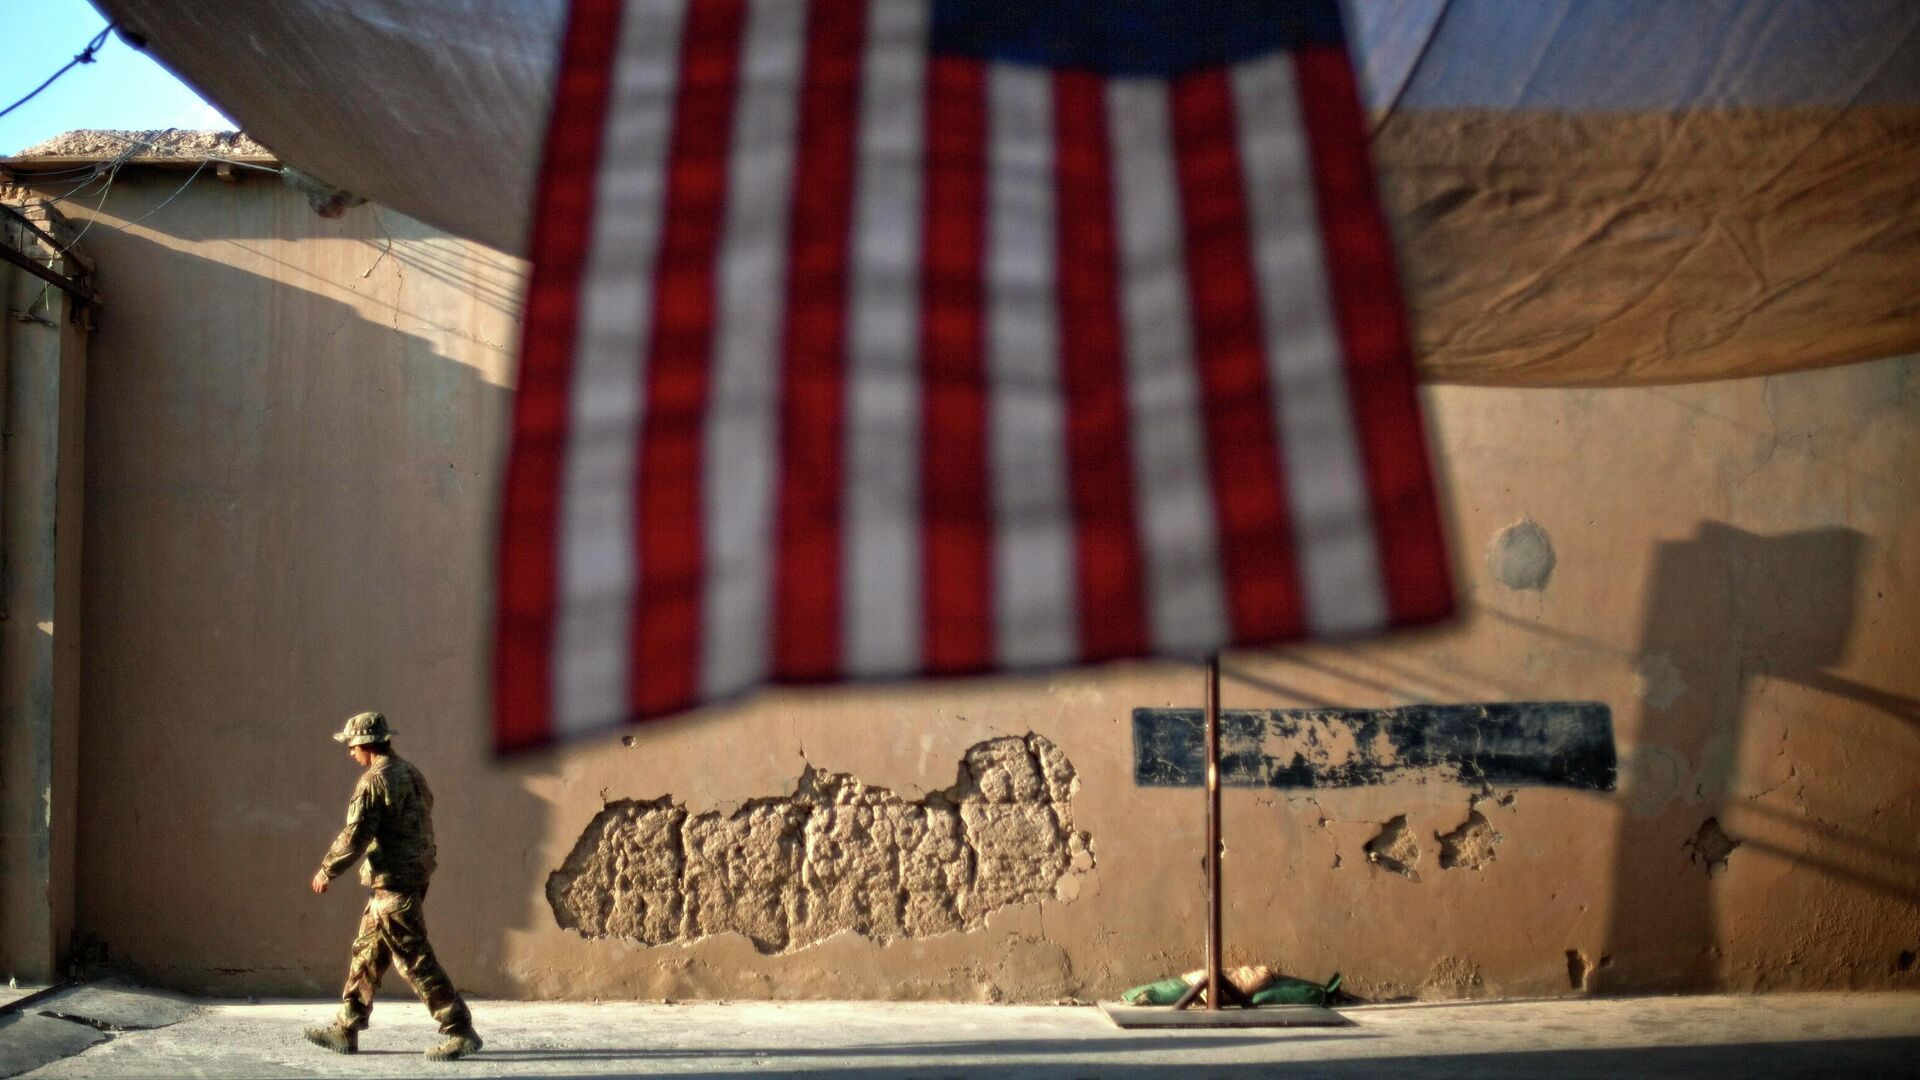 Солдат армии США проходит мимо американского флага на передовой оперативной базе Бостик в афганской провинции Кунар - РИА Новости, 1920, 14.09.2021